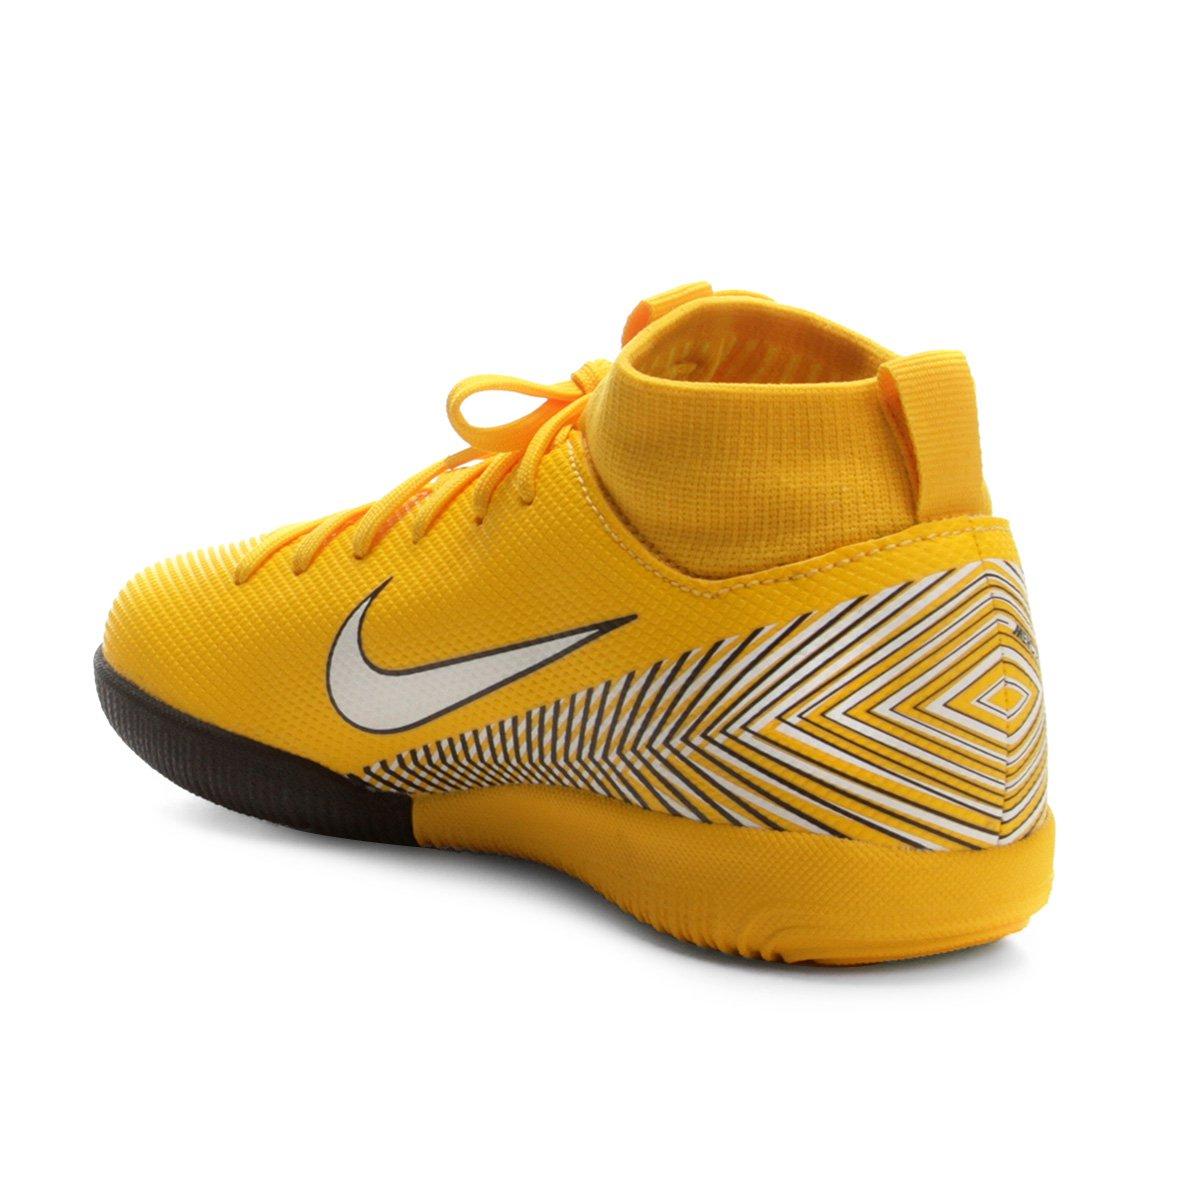 a0ff9e1b04 Chuteira Futsal Infantil Nike Mercurial Superfly 6 Academy - Amarelo ...